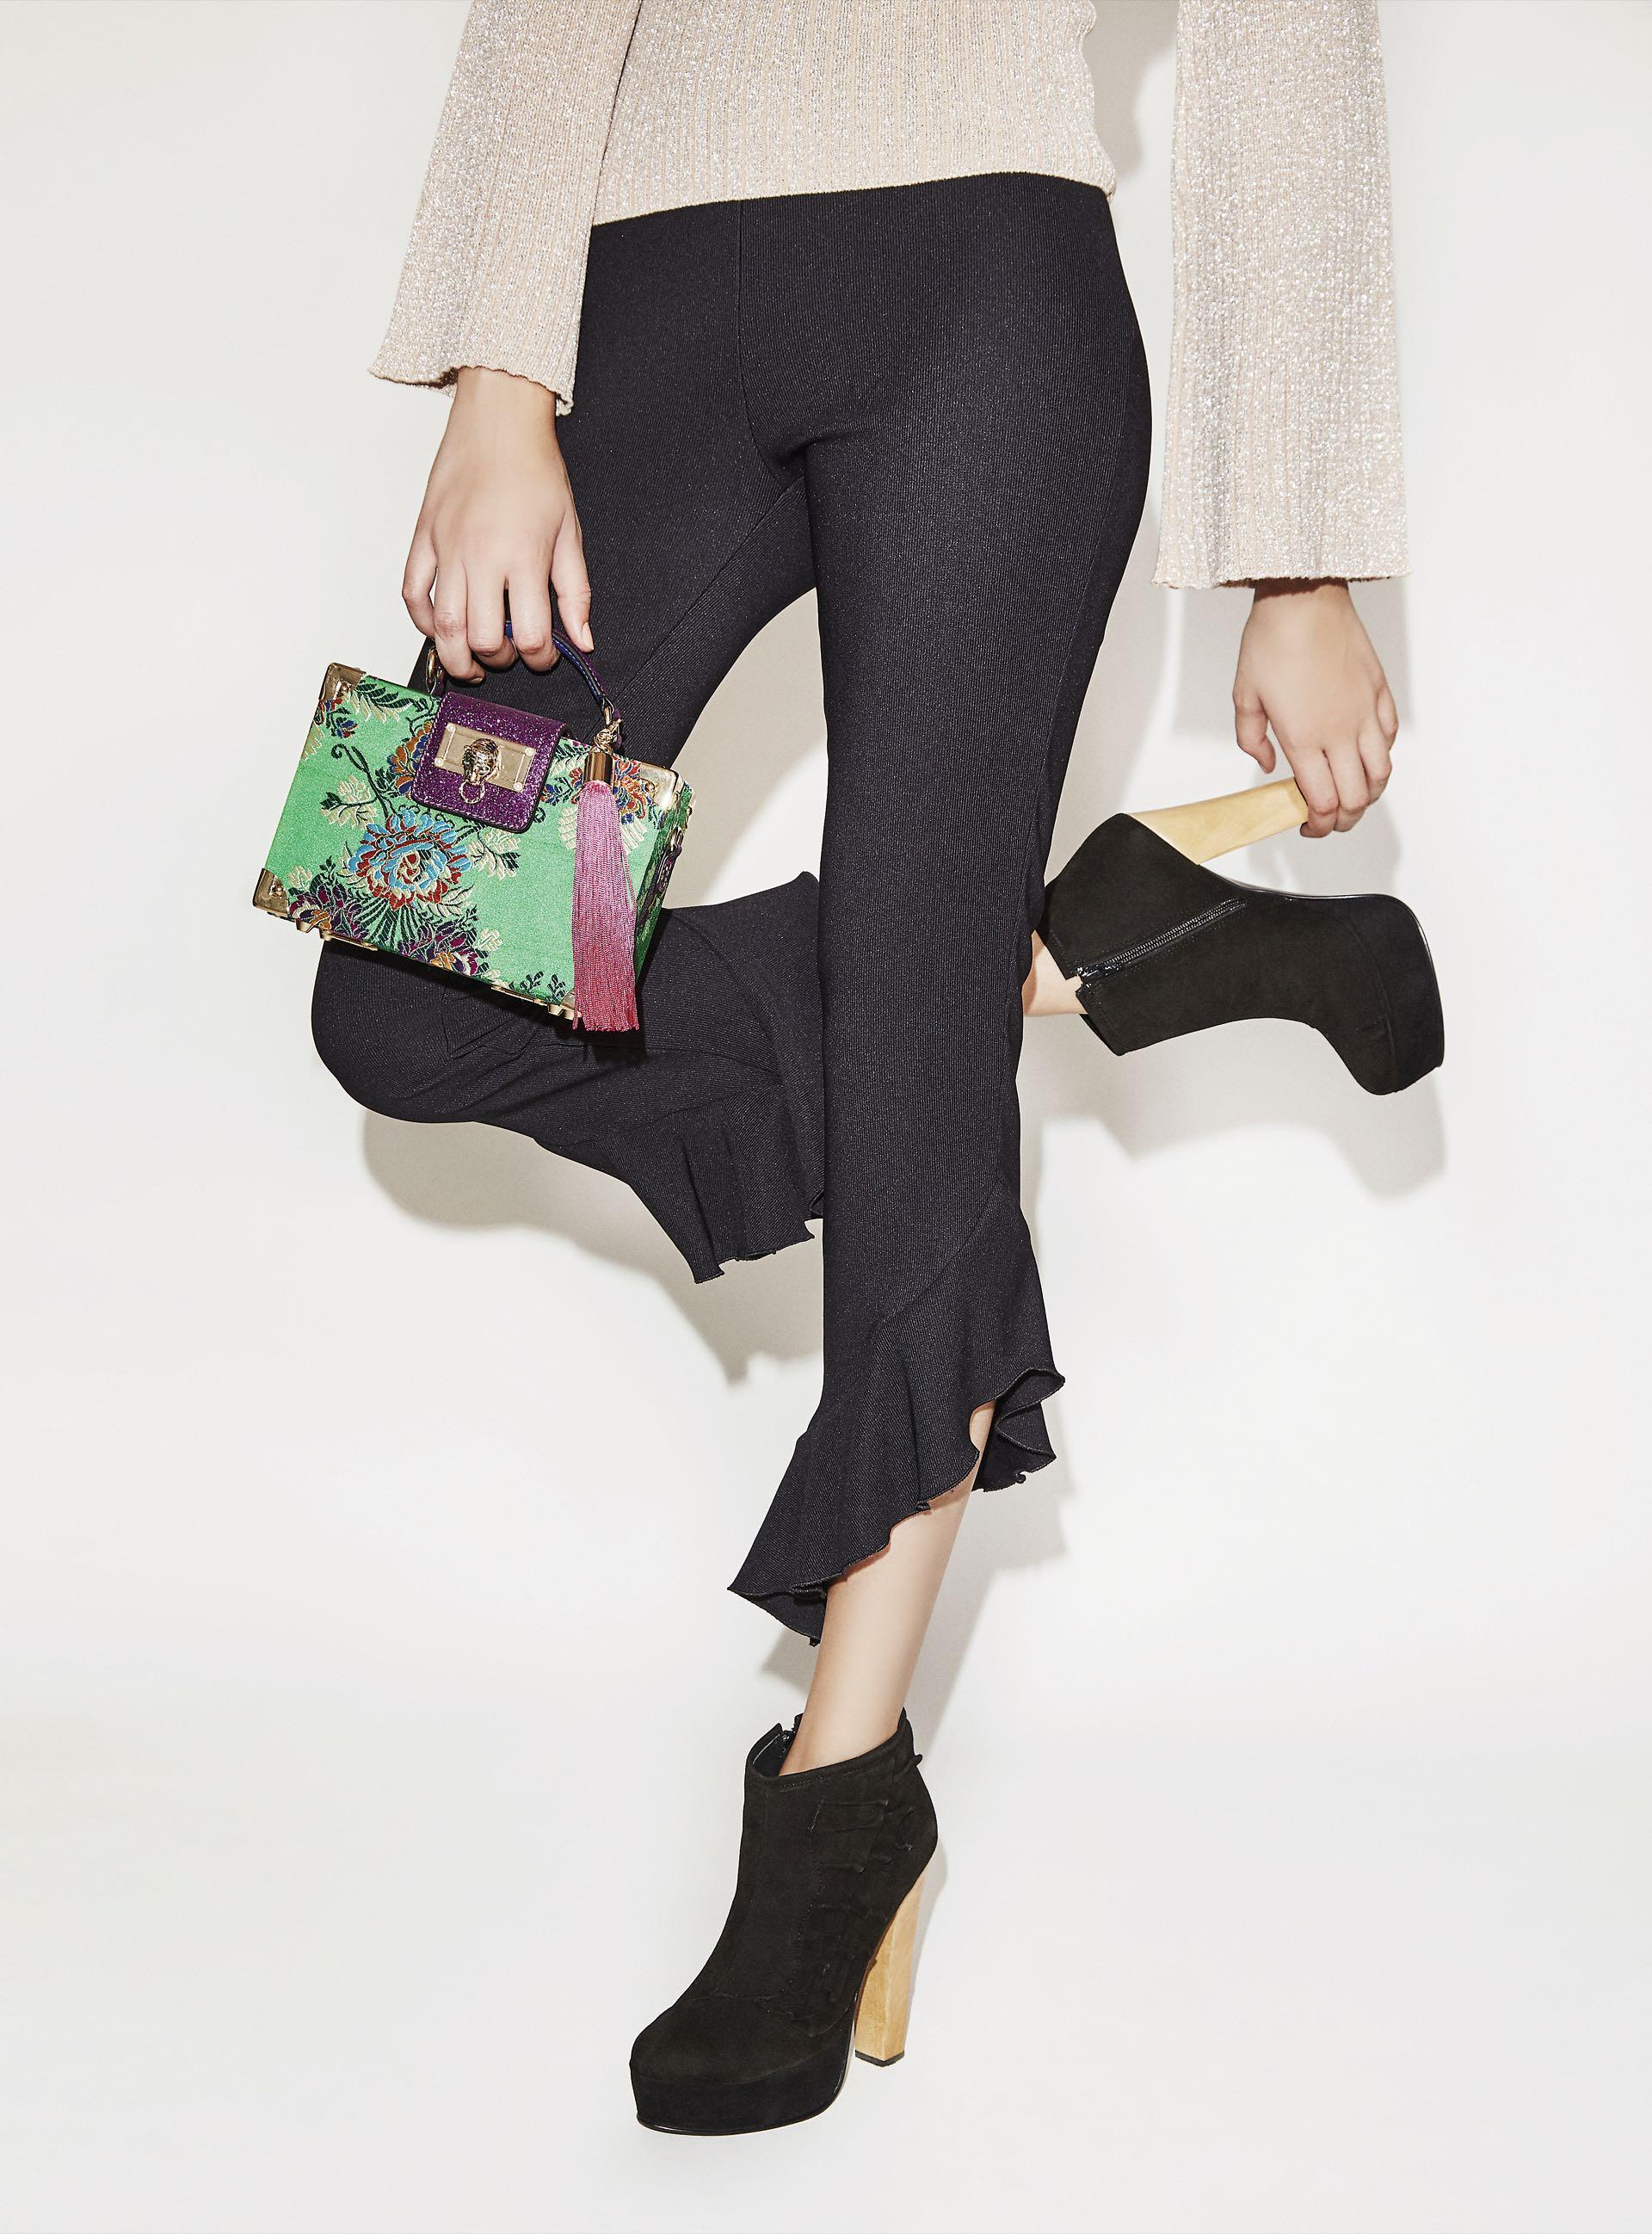 Alto vuelo. Botineta de gamuza con volados ($ 5.990, The Bag Belt), pantalón irregular con volados ($ 2.400, Vitamina) y suéter de lúrex ($ 1.699, Yagmour). Fotos: Chino Toccalino/ Para Ti